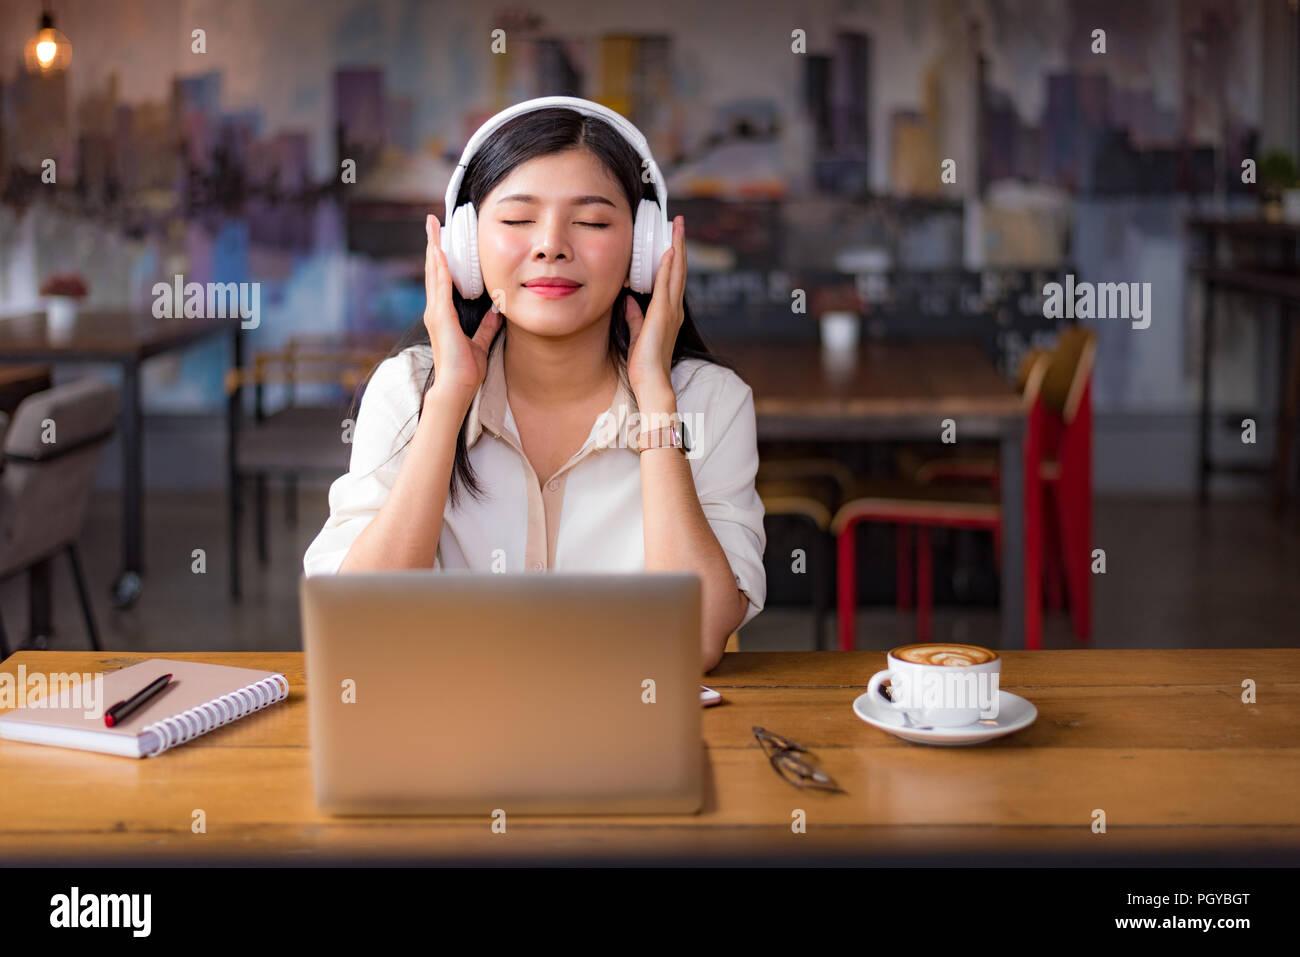 Hermosa mujer asiática relajarse y escuchar música en la cafetería con un ordenador portátil y un taza de café. Las personas y los estilos de vida concepto. Feliz trabajo freelance Imagen De Stock